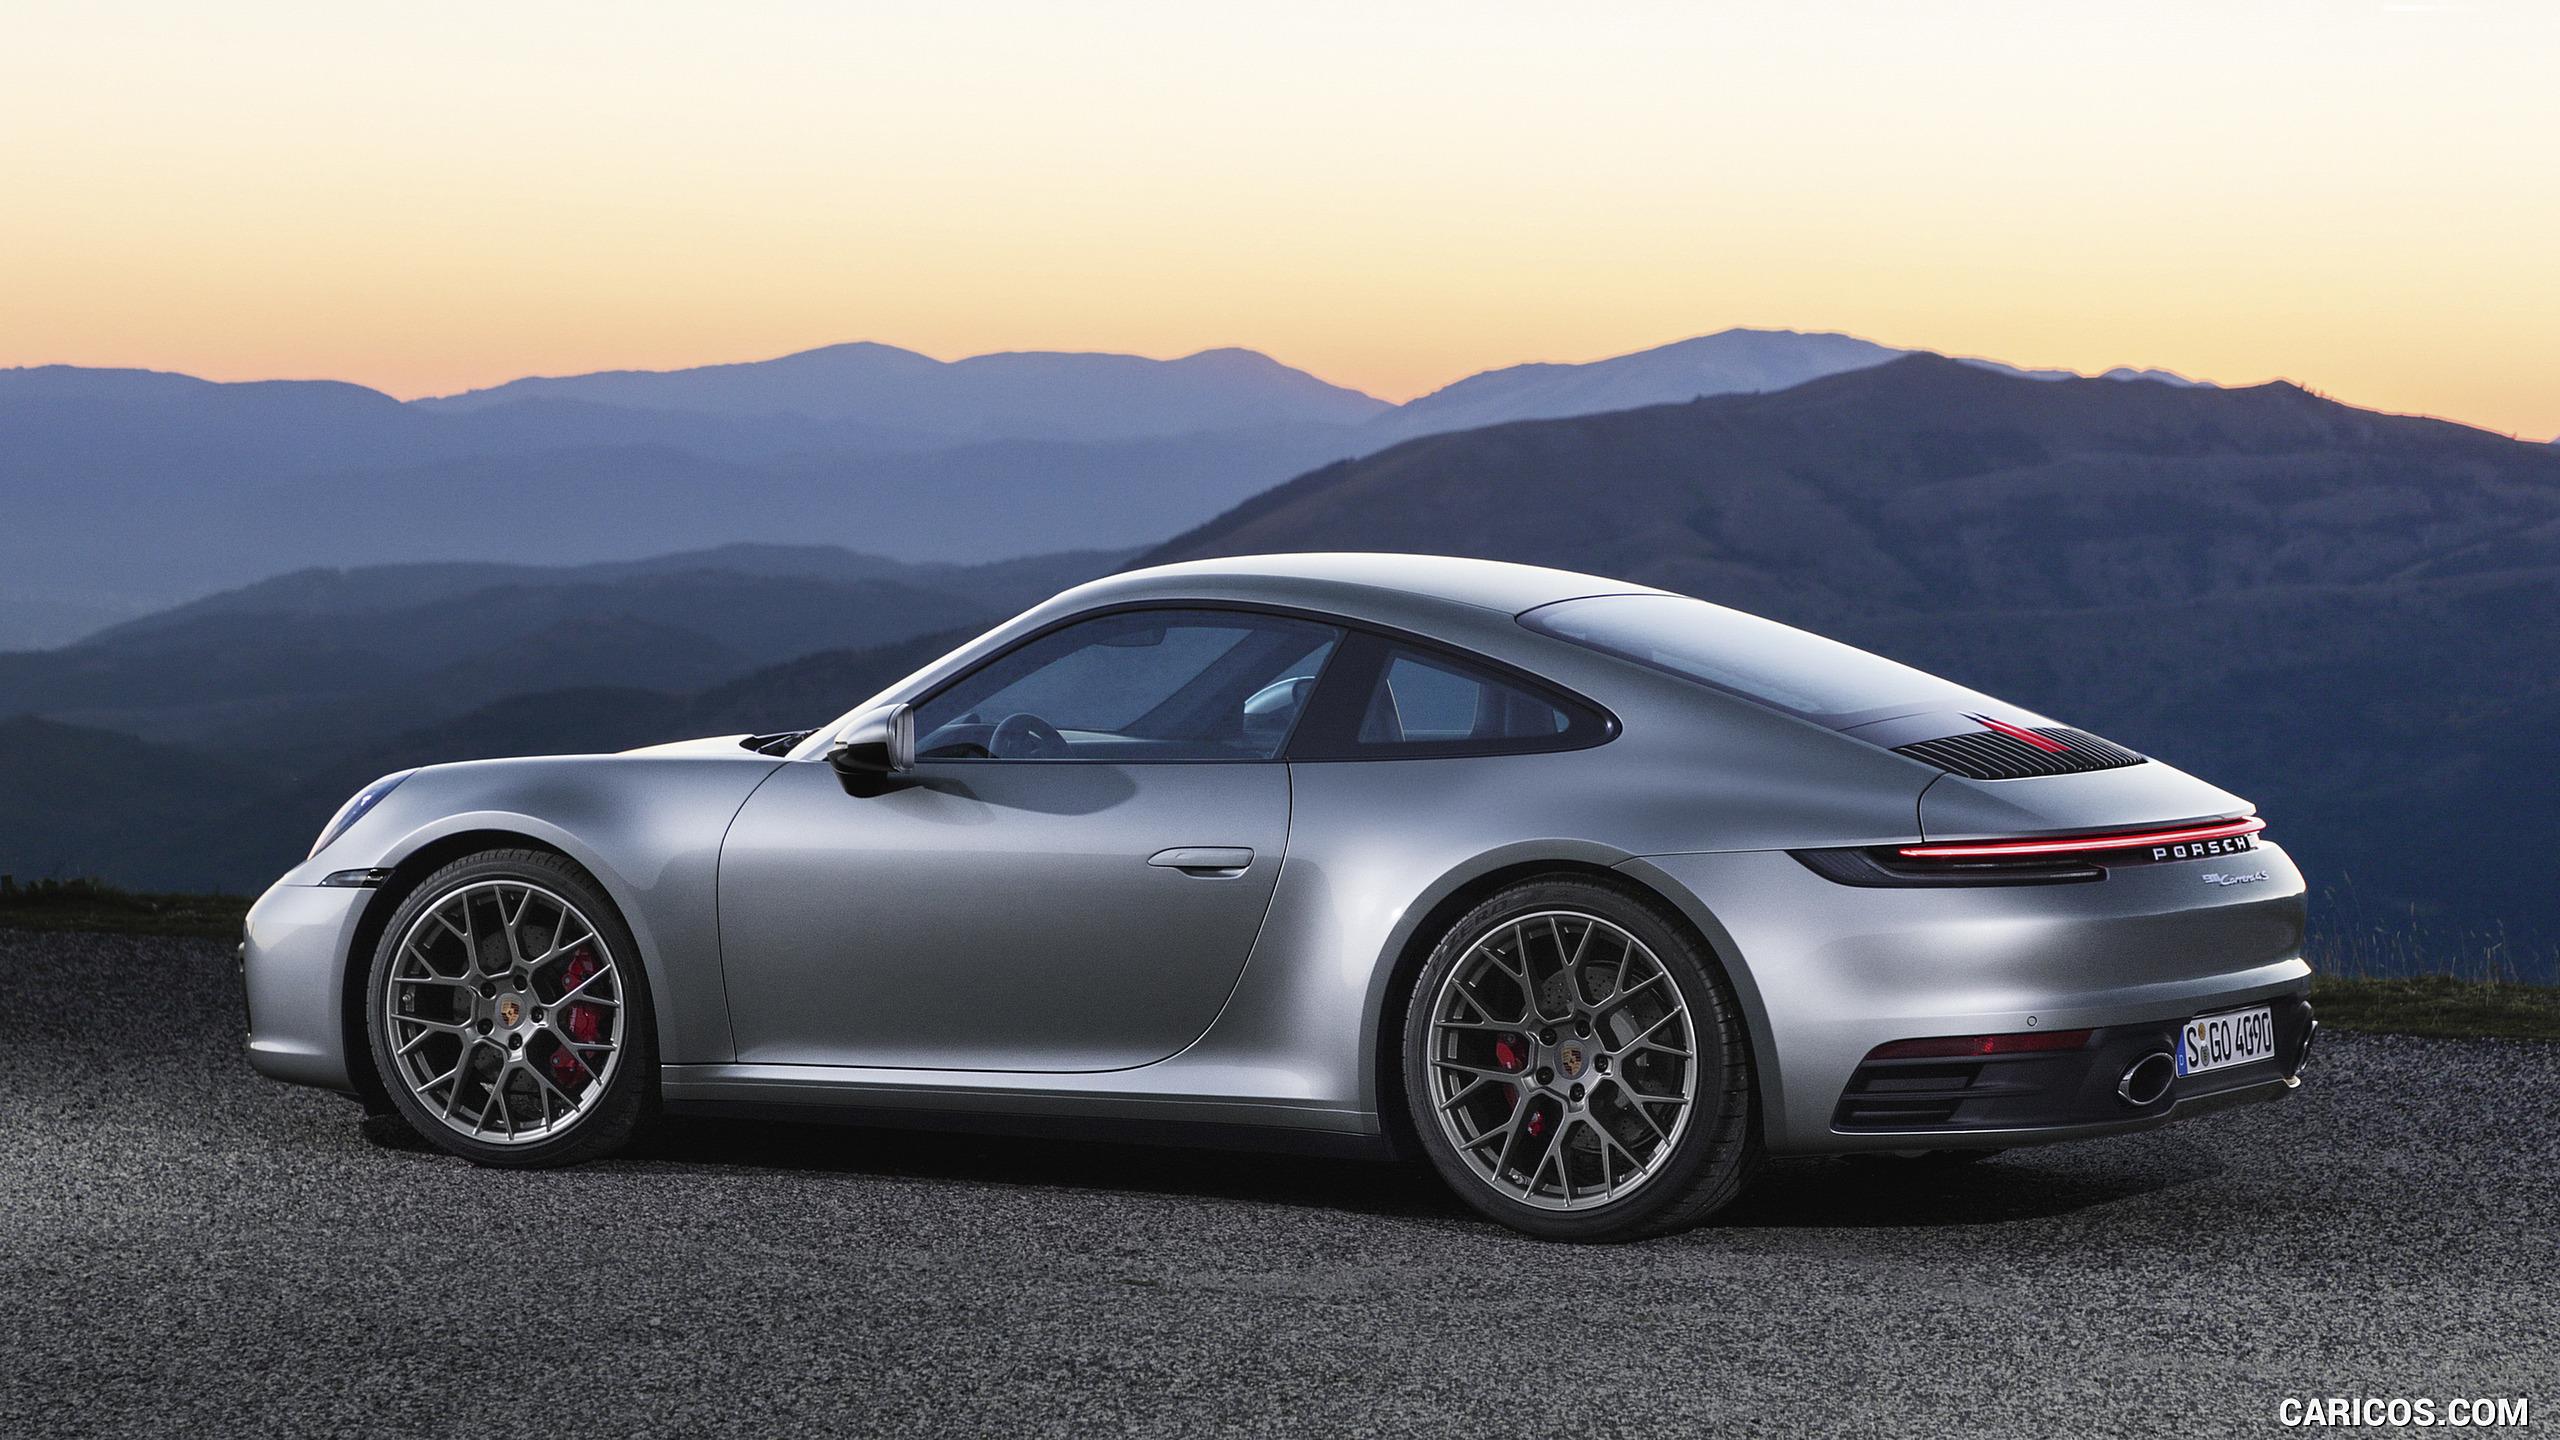 2020 Porsche 911 Carrera 4S   Side HD Wallpaper 7 2560x1440